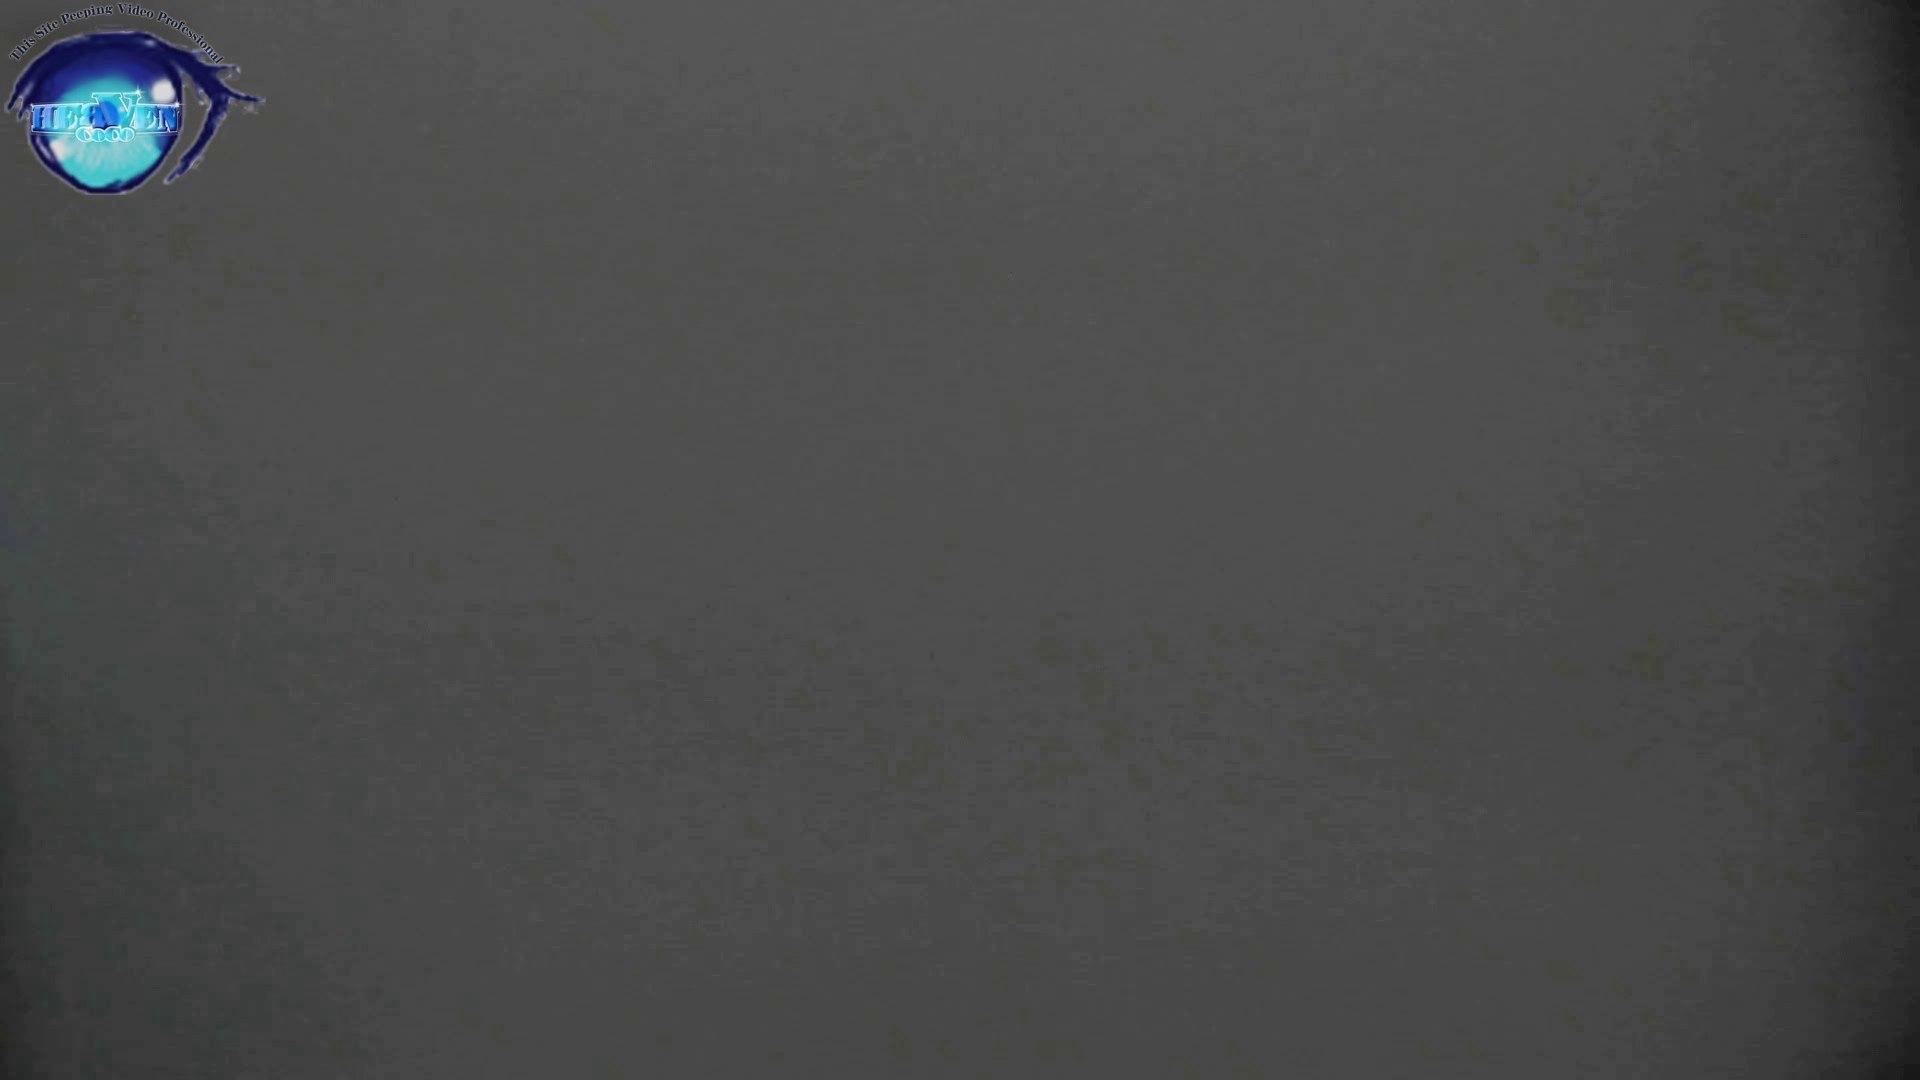 お銀さん vol.59 ピンチ!!「鏡の前で祈る女性」にばれる危機 前編 おまんこ見放題  83PIX 54